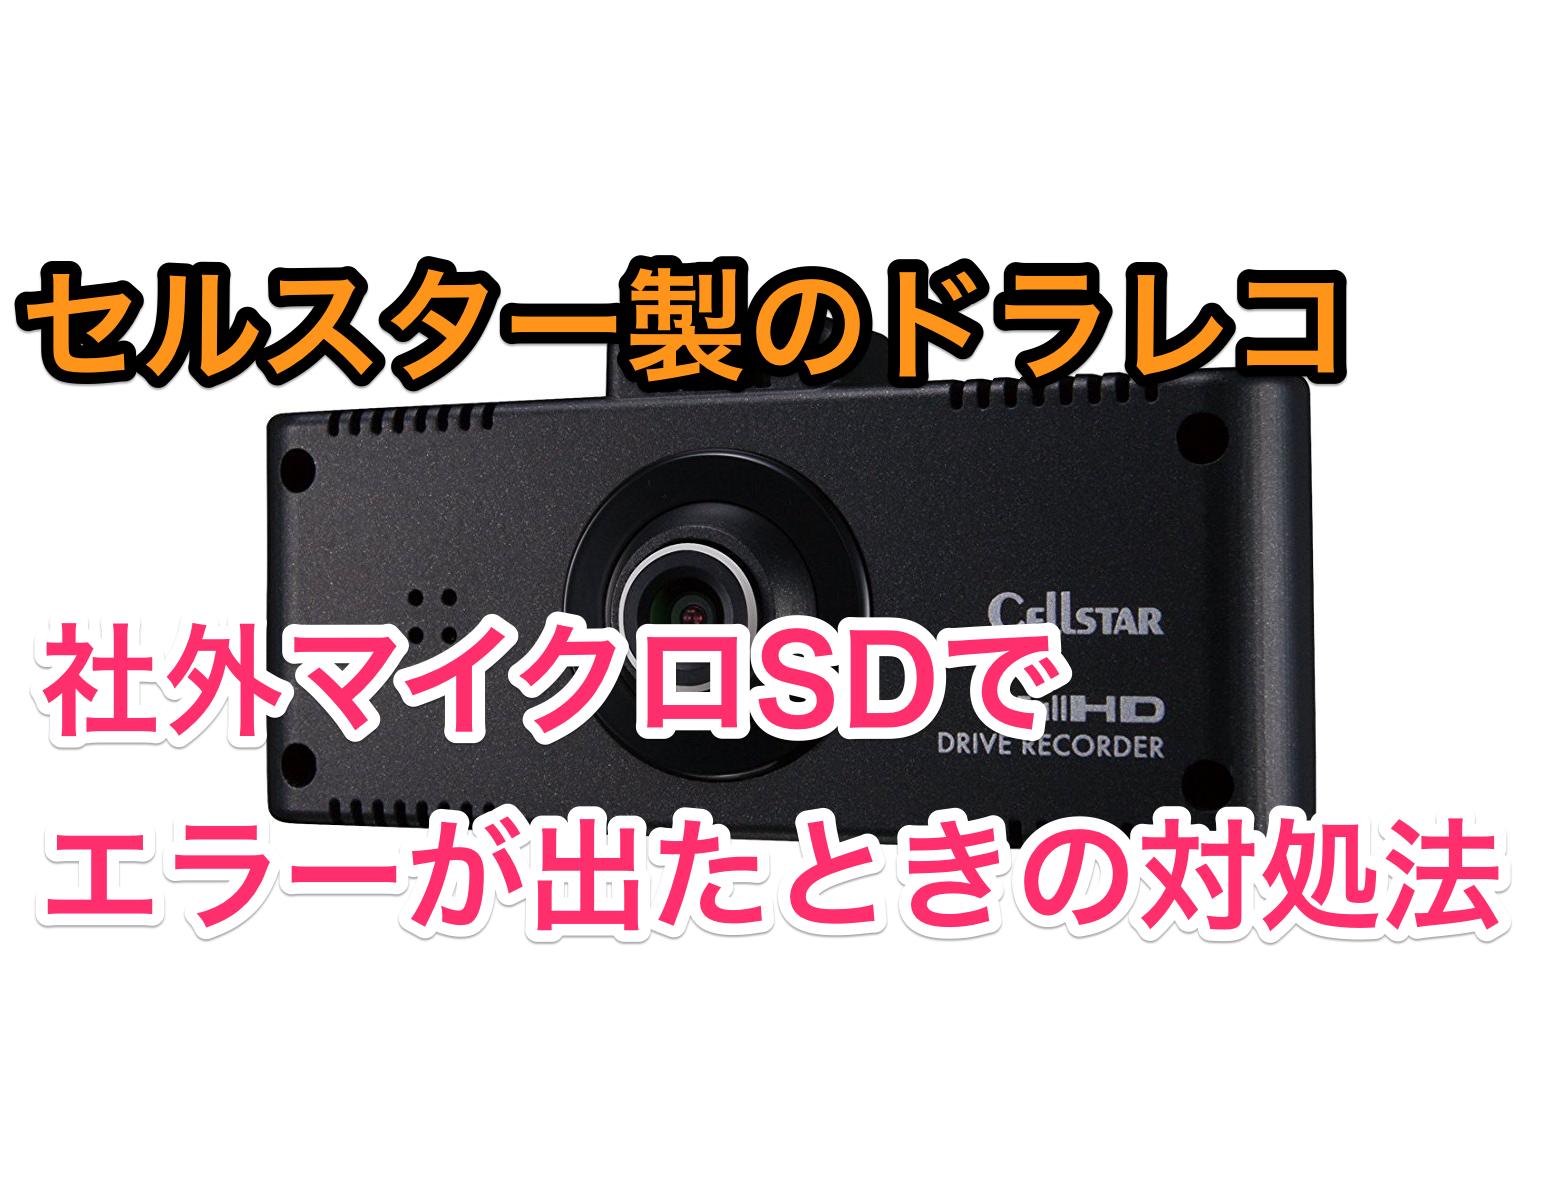 セルスターのドライブレコーダー 社外マイクロSDでエラーが出る場合の対処法